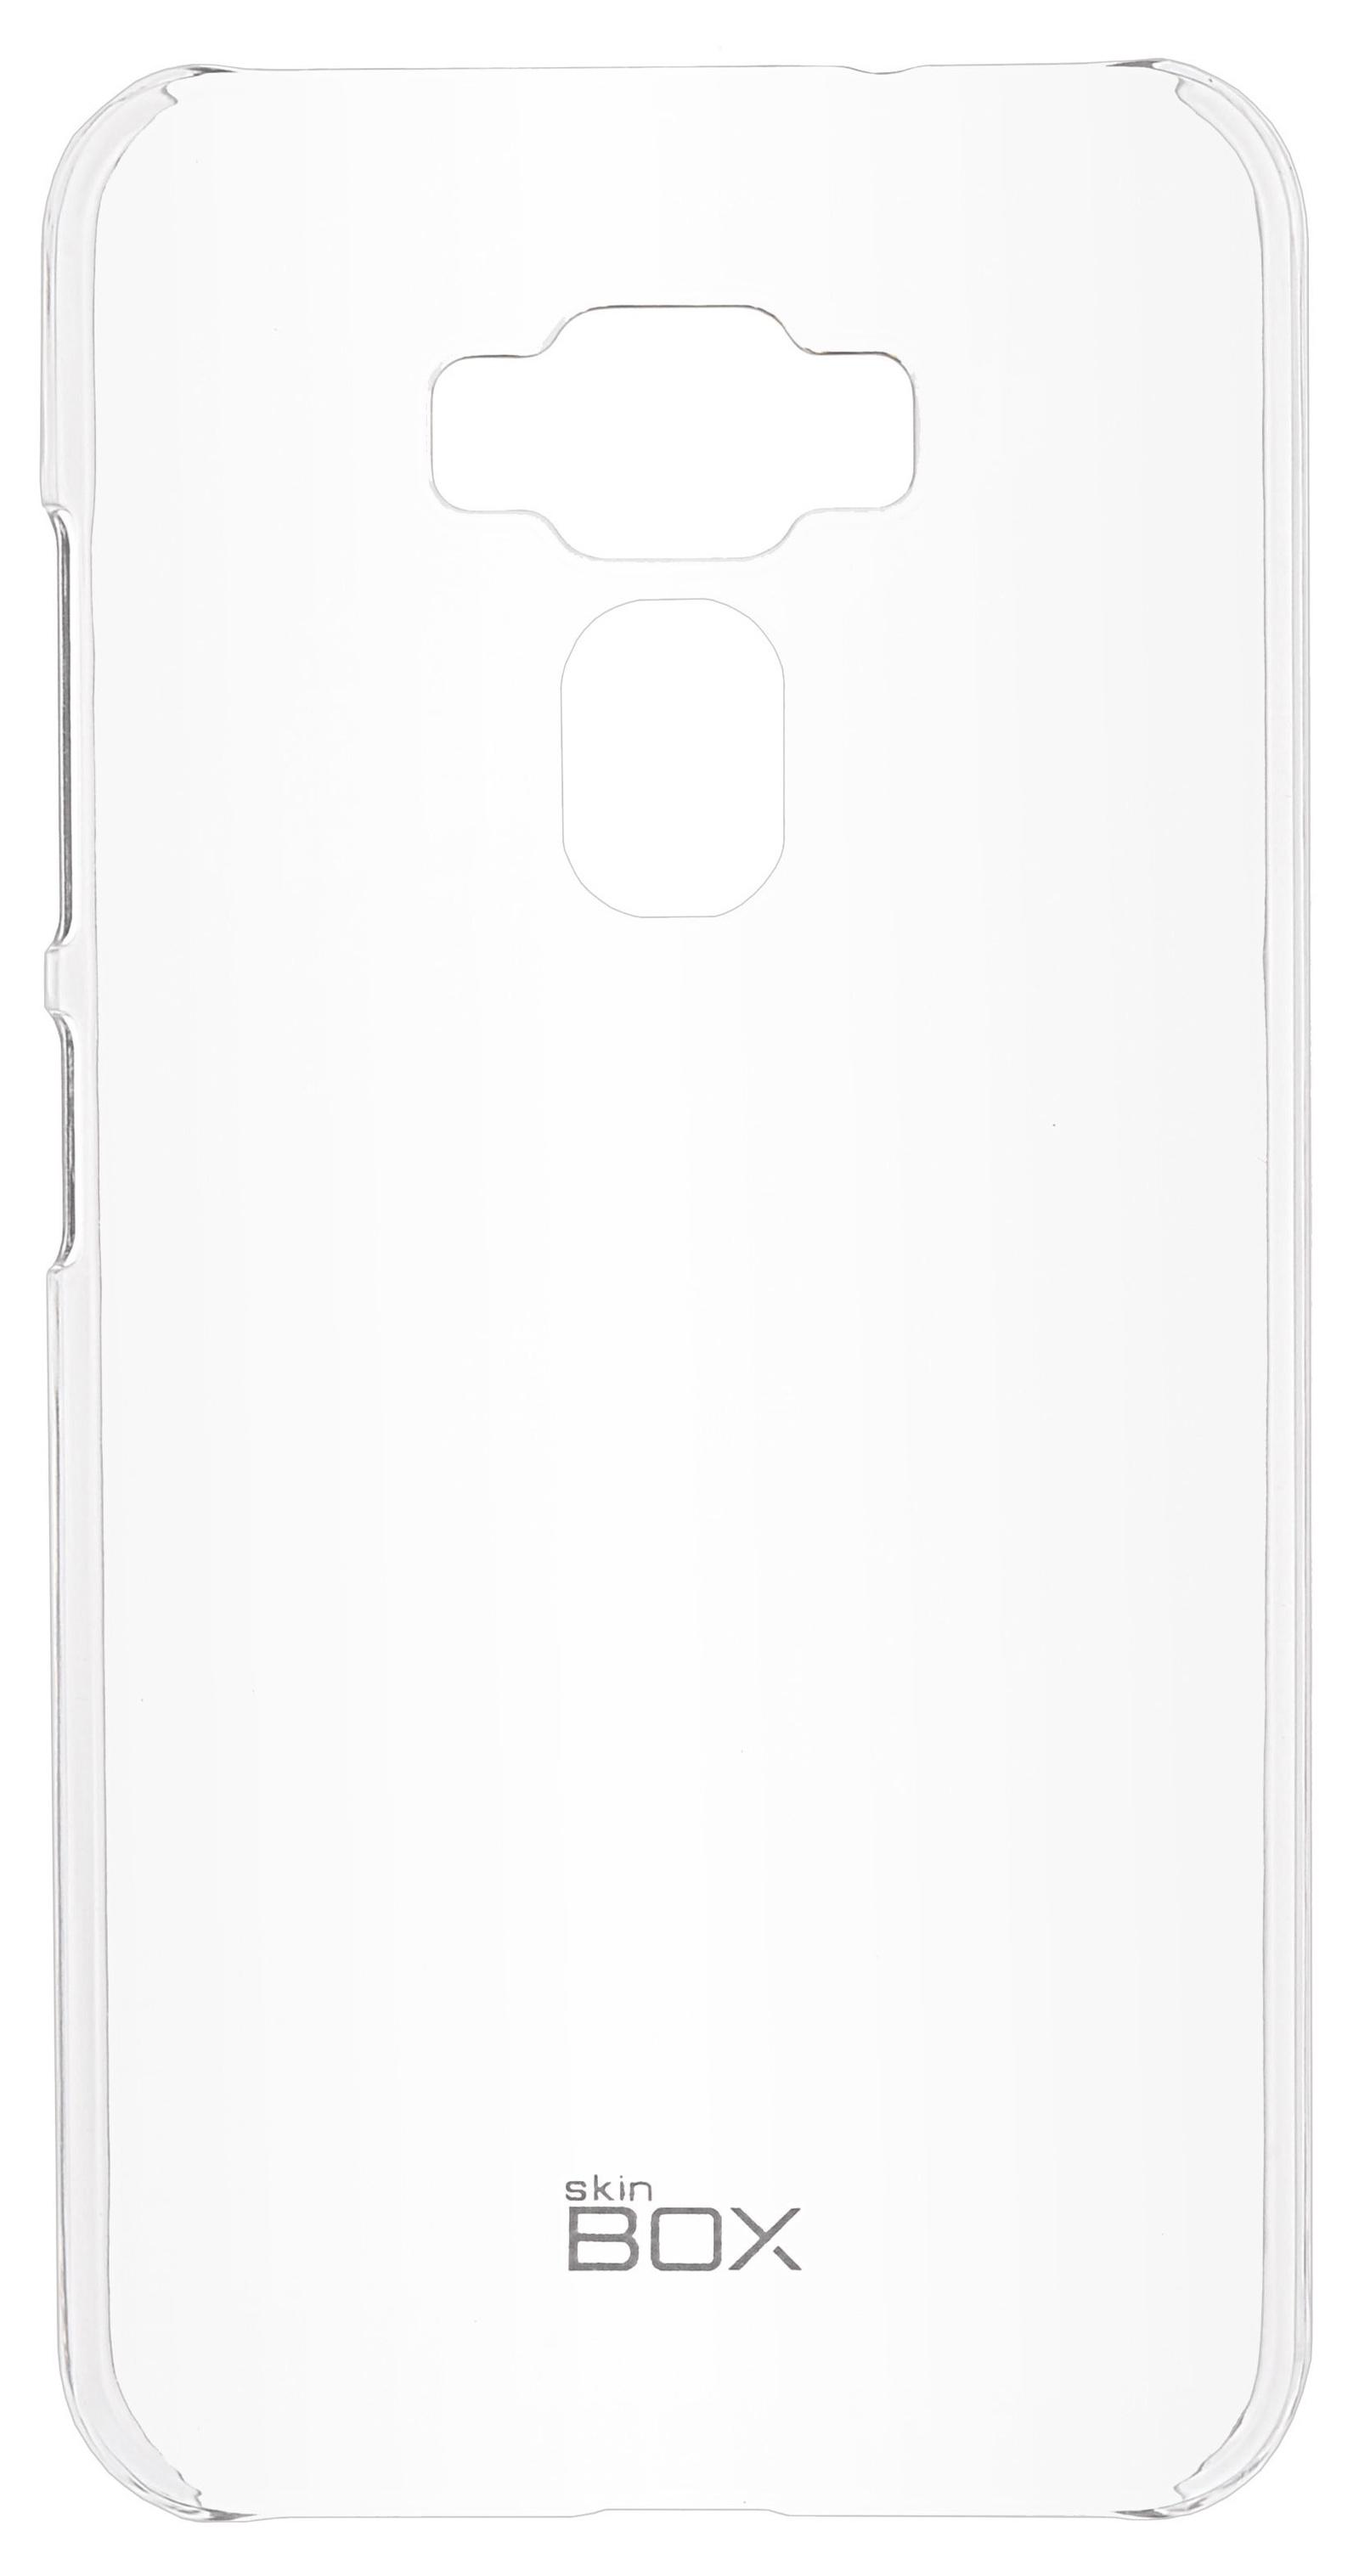 Чехол для сотового телефона skinBOX Crystal, 4630042524750, прозрачный чехол для сотового телефона skinbox crystal 4630042524613 прозрачный